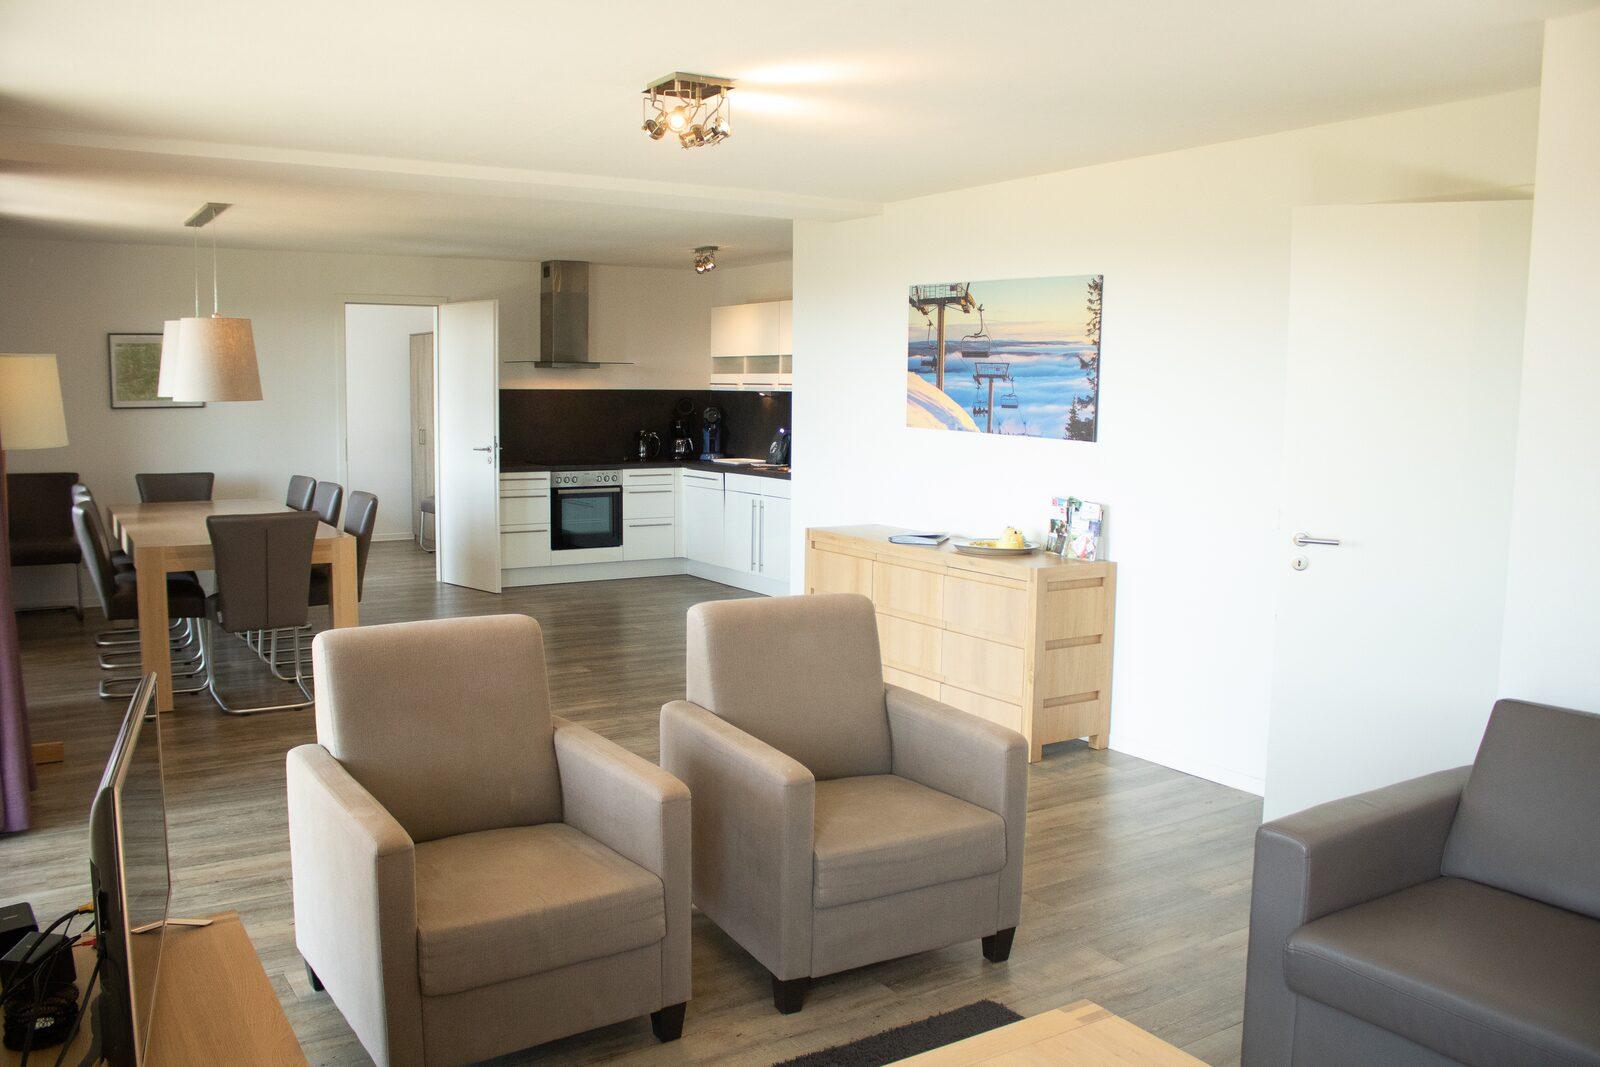 Appartement Resort Winterberg - Neuastenbergerstrasse 39-41  | Neuastenberg